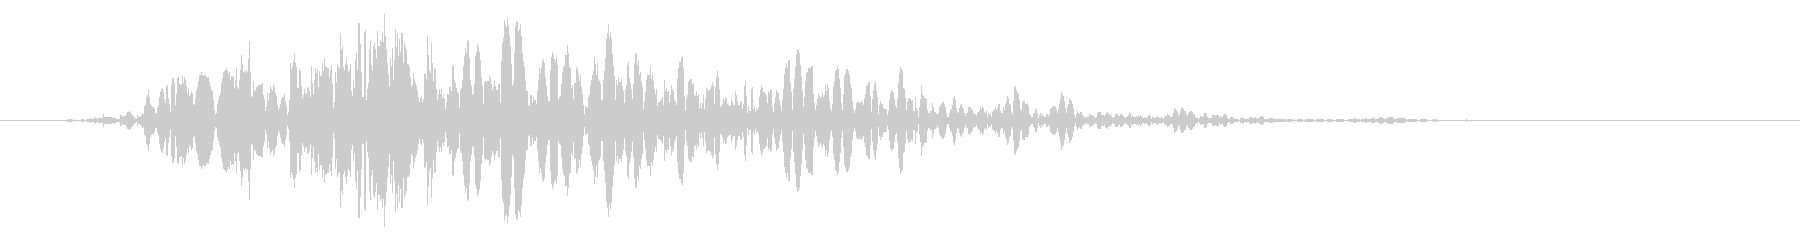 スライムなどが蠢く音 タイプB#3の未再生の波形